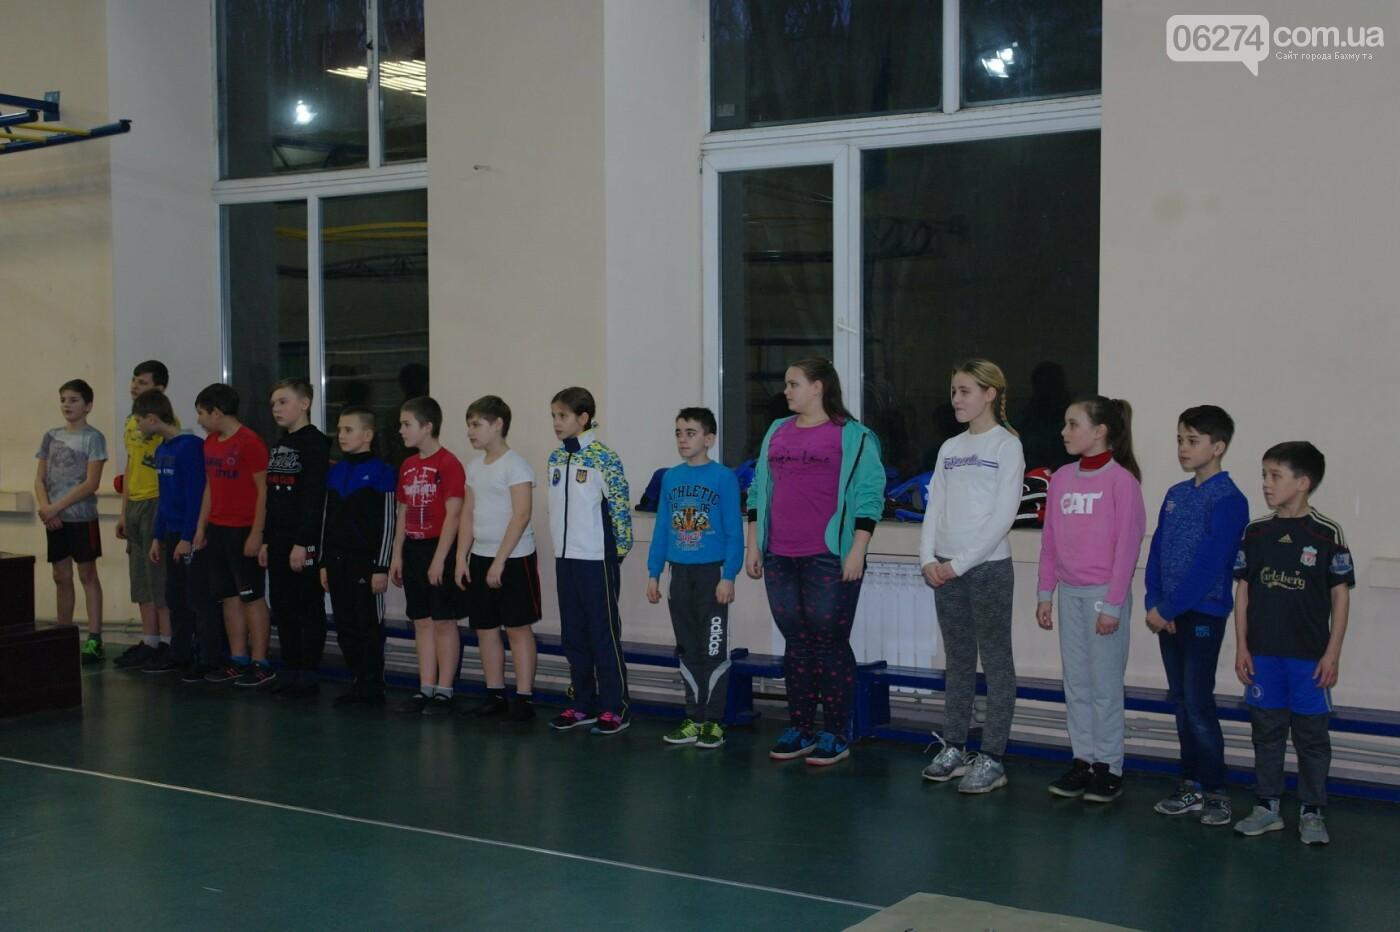 Одна из родительниц спортсменки рассказала о том, что происходит в спортзале секции по кикбоксингу, фото-1